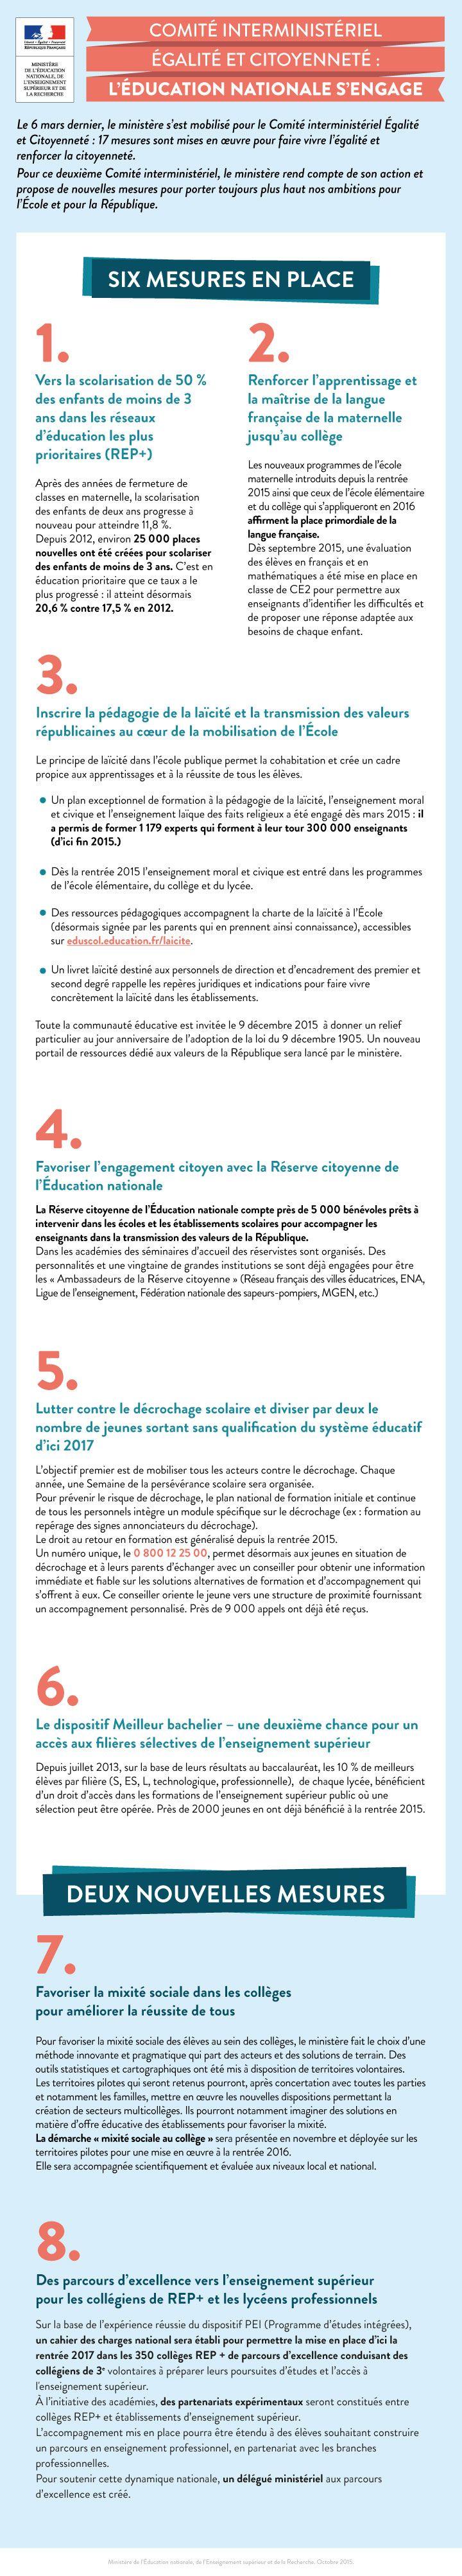 8 mesures de l'éducation nationale pour faire vivre l'égalité et renforcer la citoyenneté → http://educ.gouv.fr/c94718 #CIEC